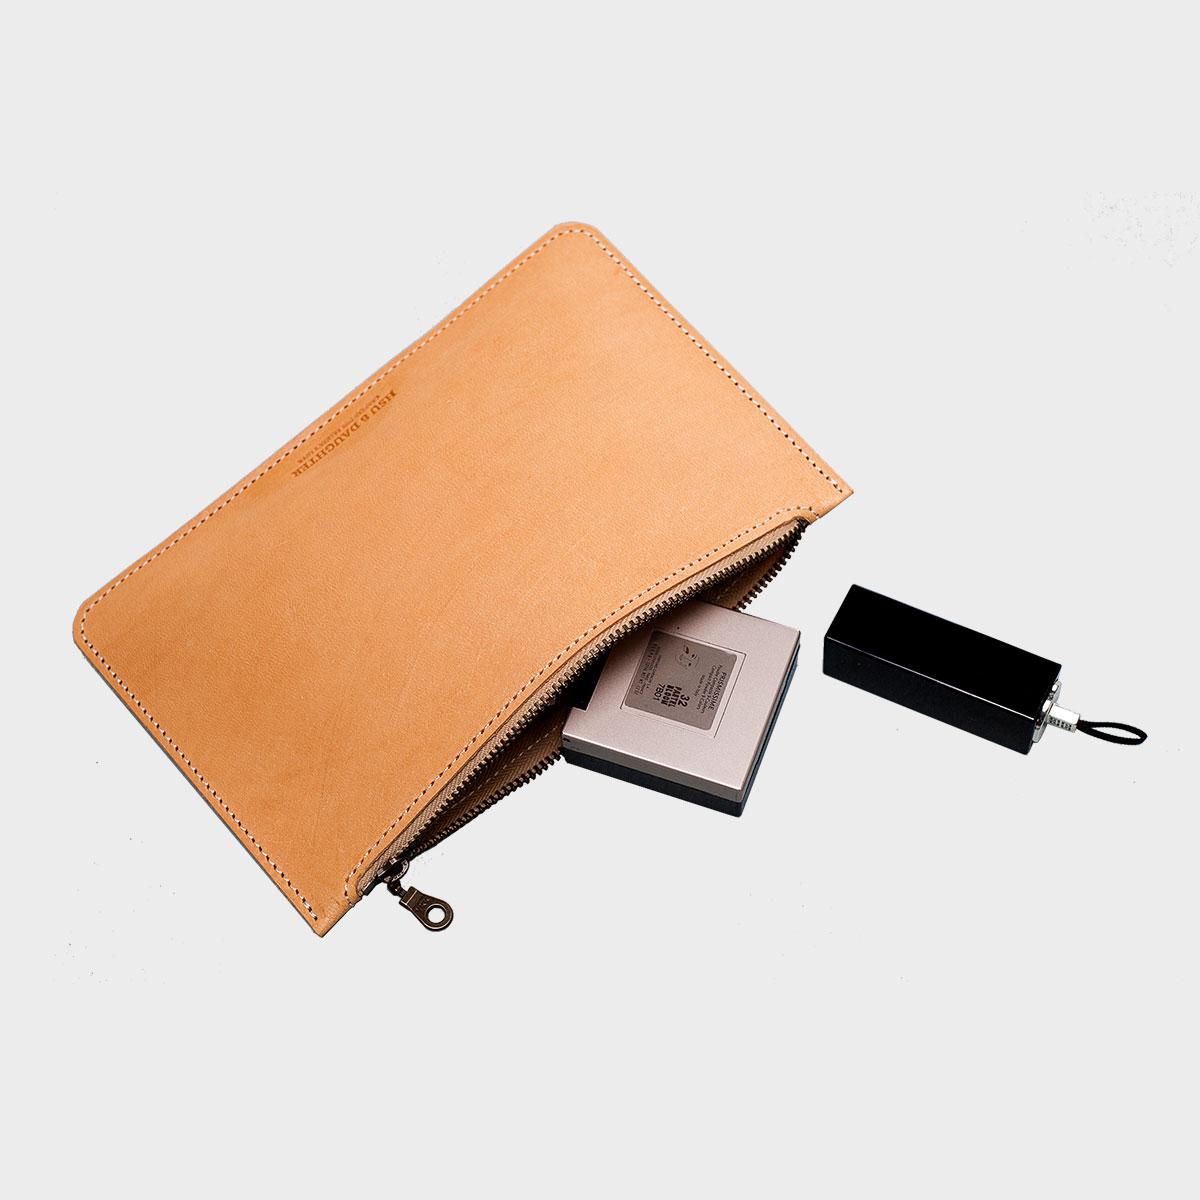 雜物袋 Small Storage Bag  NT$ 1,480  HDB3002